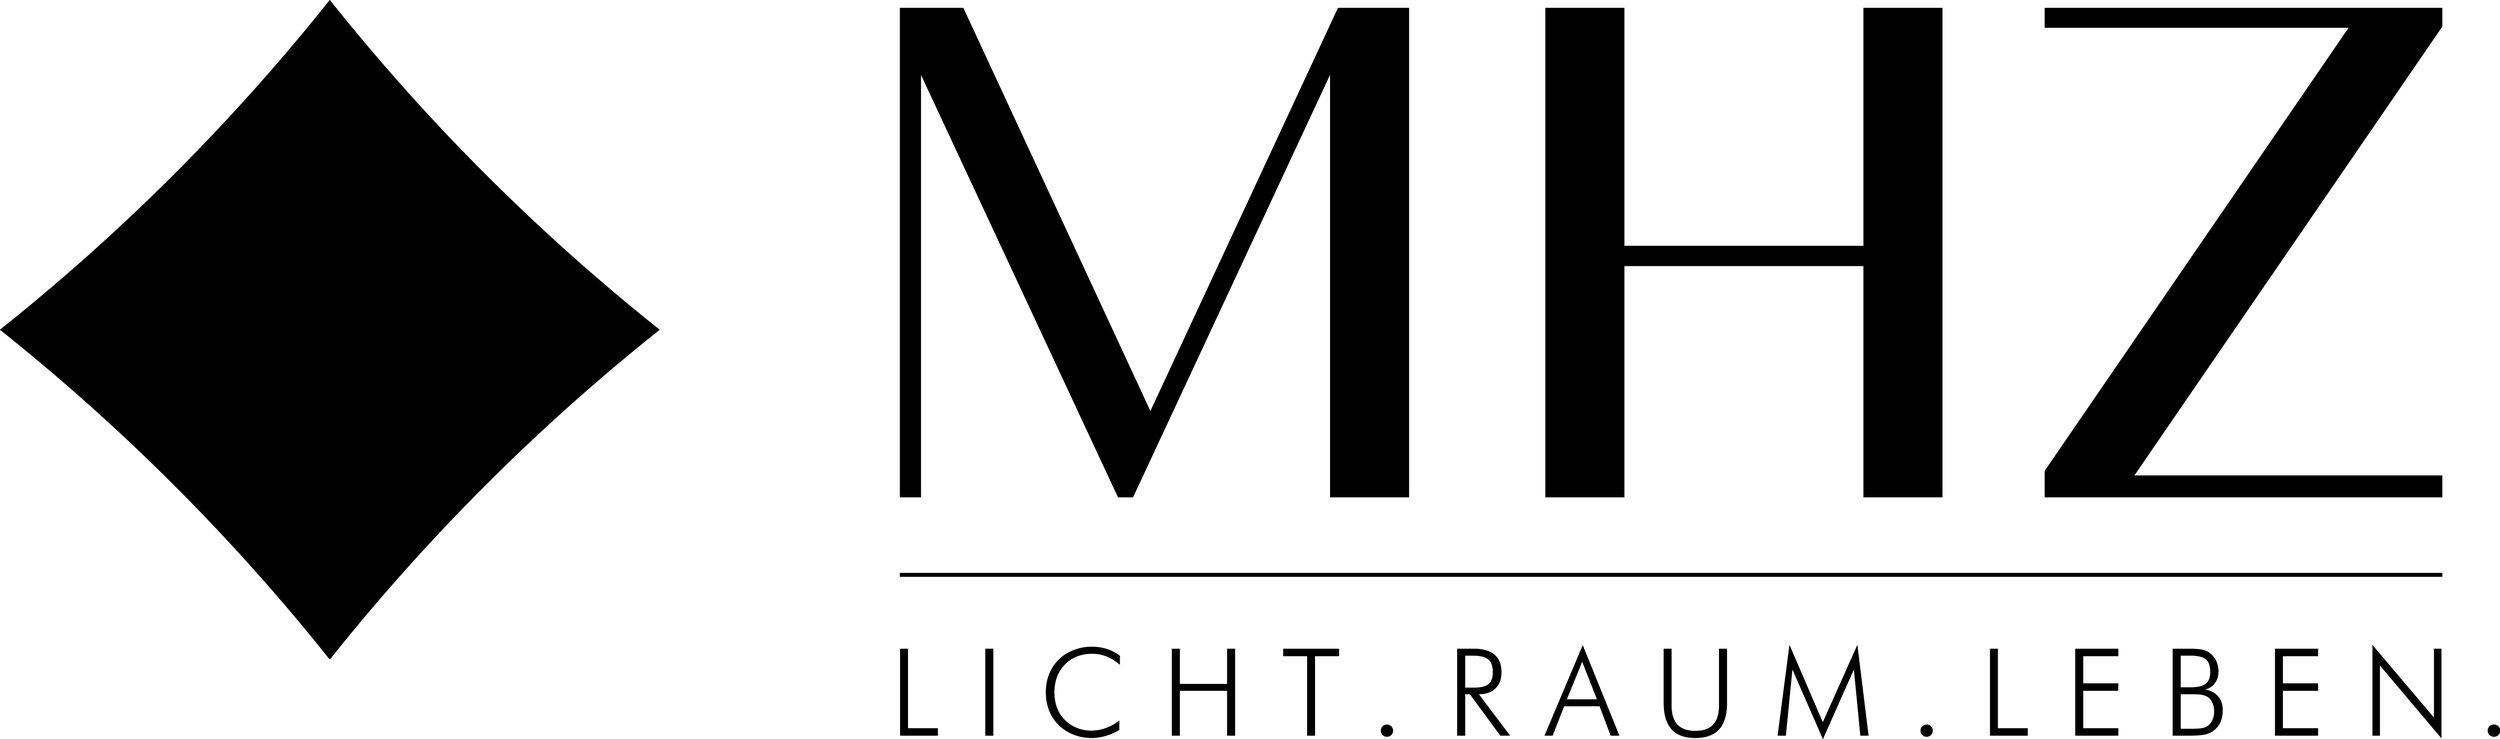 mhz-logo-deutsch.jpg